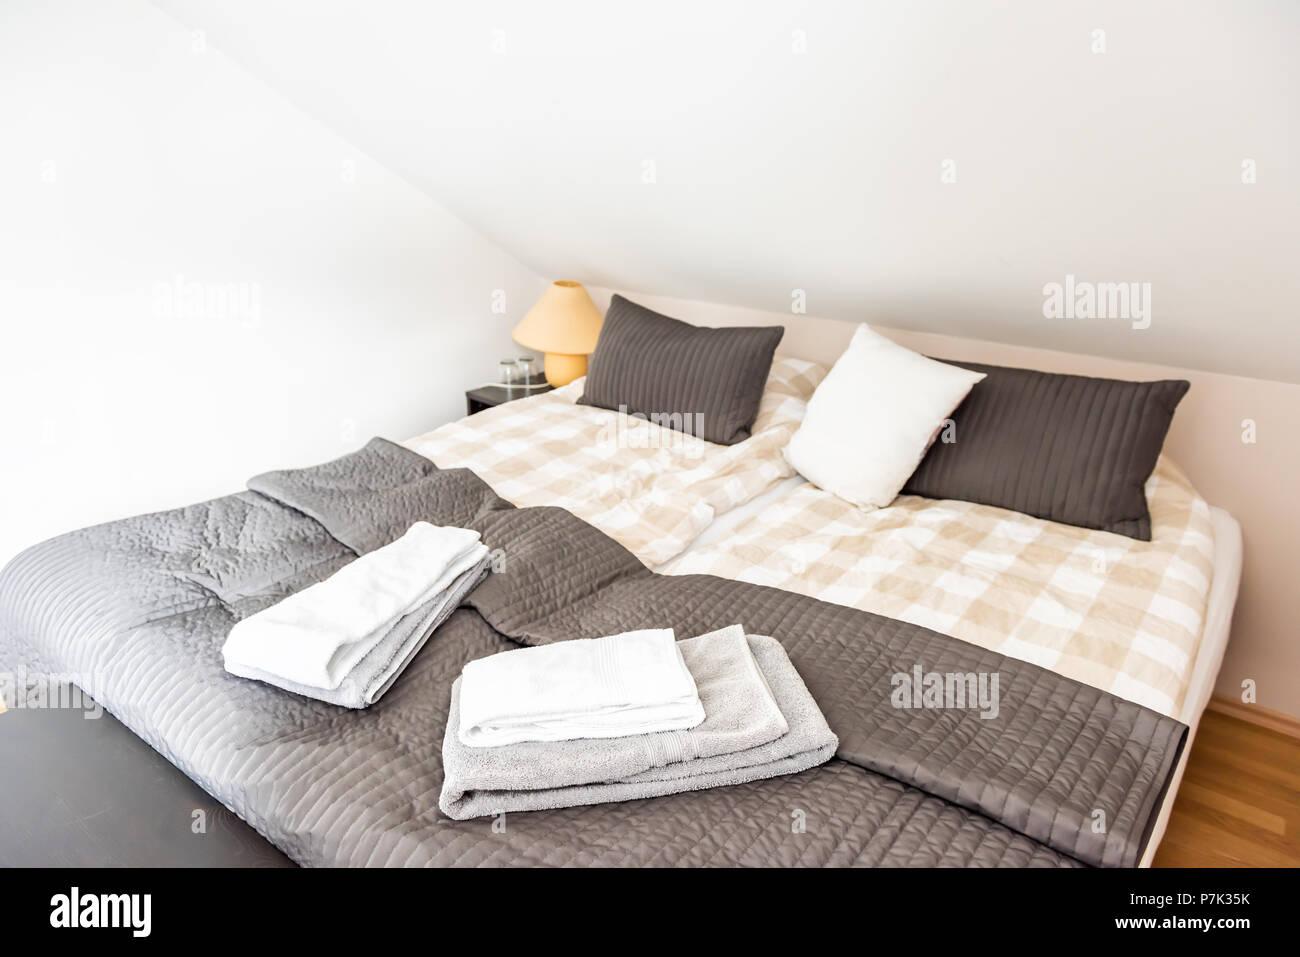 Nuovo pulita unione twin double queen size comforter con soffitto